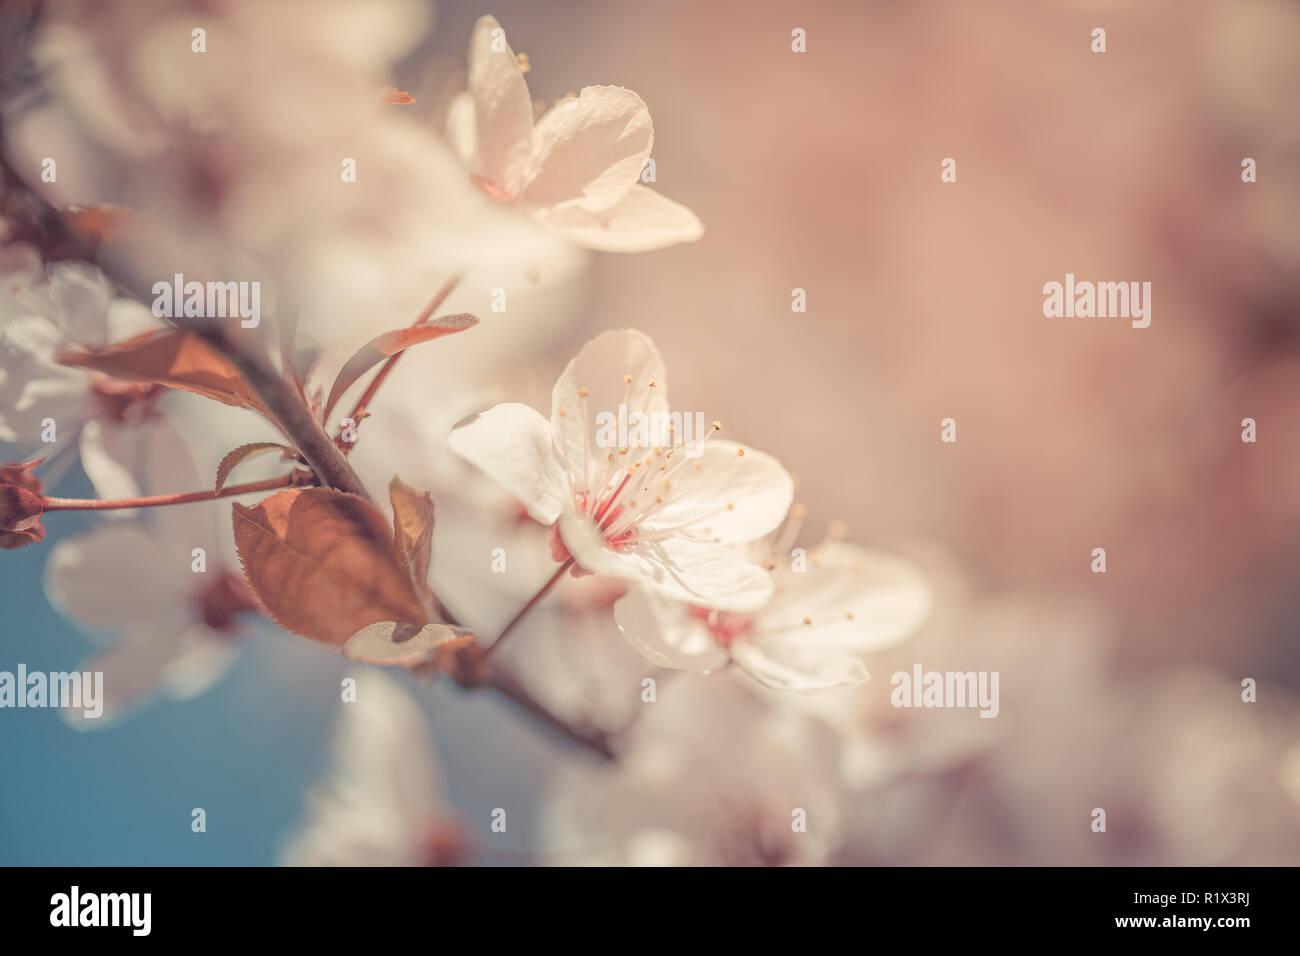 Printemps fleurs de cerisier en fleurs, fleurs roses, fleurs japonais Sakura saison, avec copie espace vierge Banque D'Images